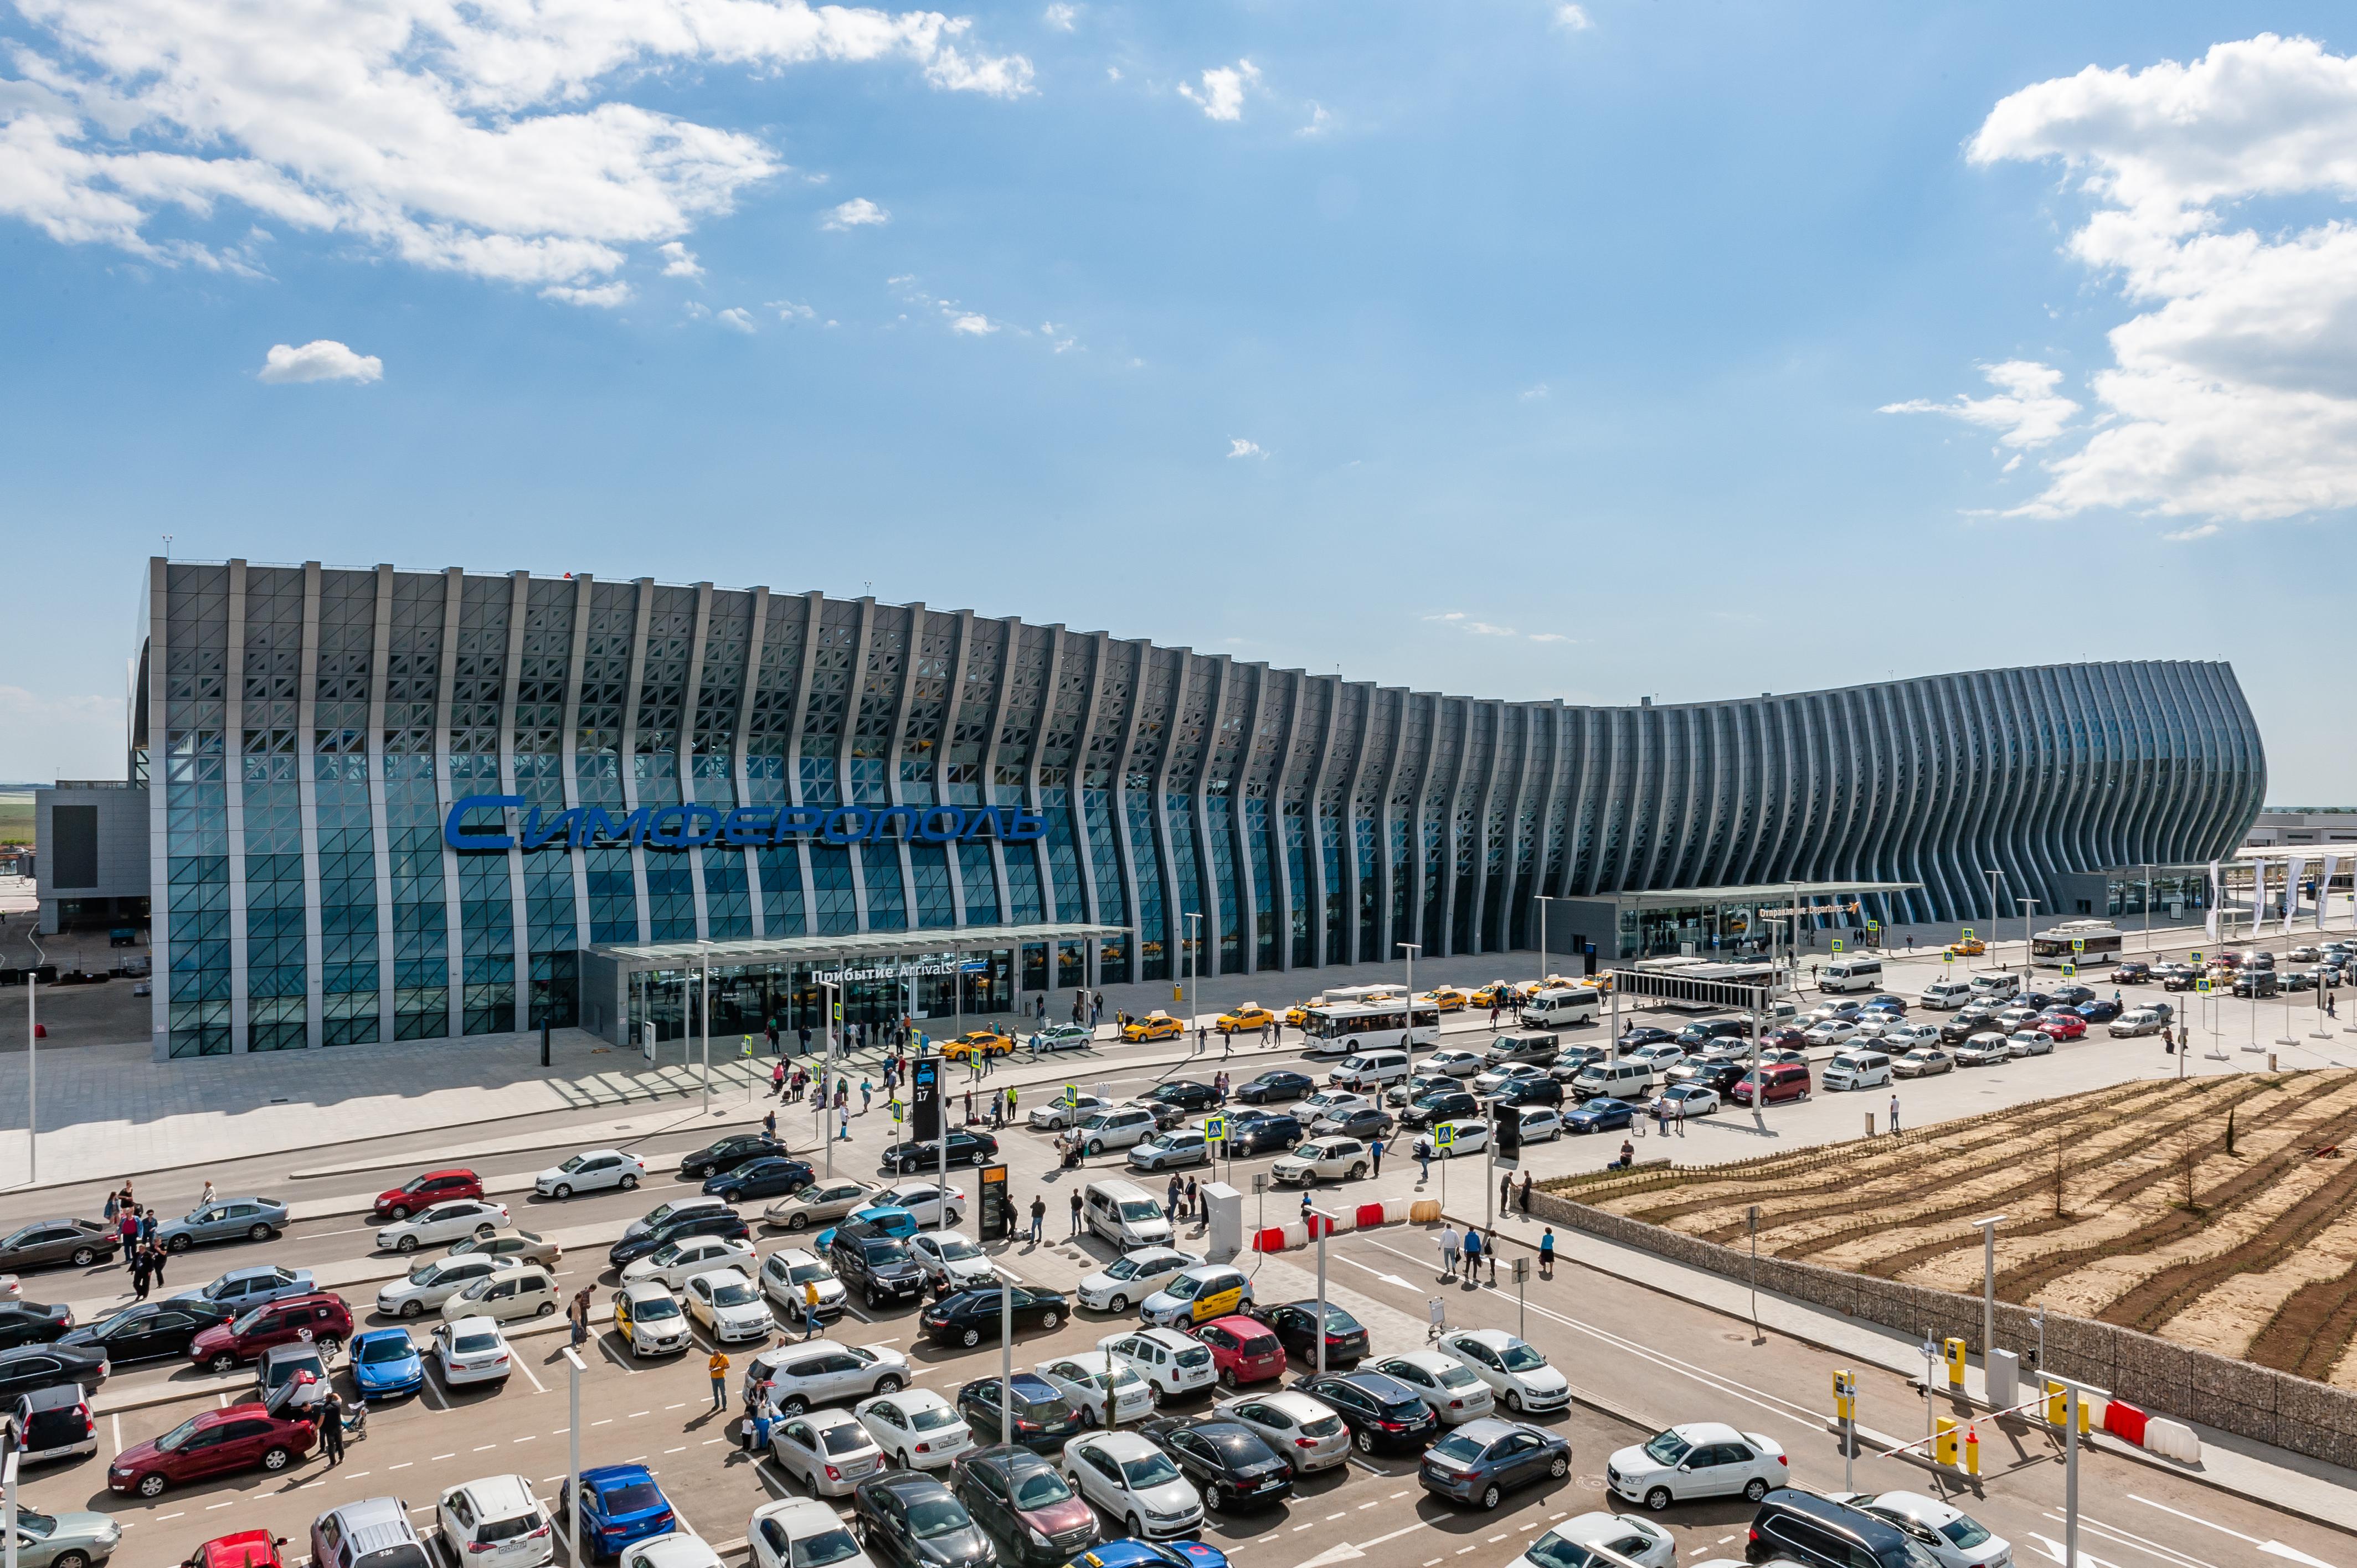 За полгода новый терминал аэропорта Симферополя принял более 26 тысяч рейсов